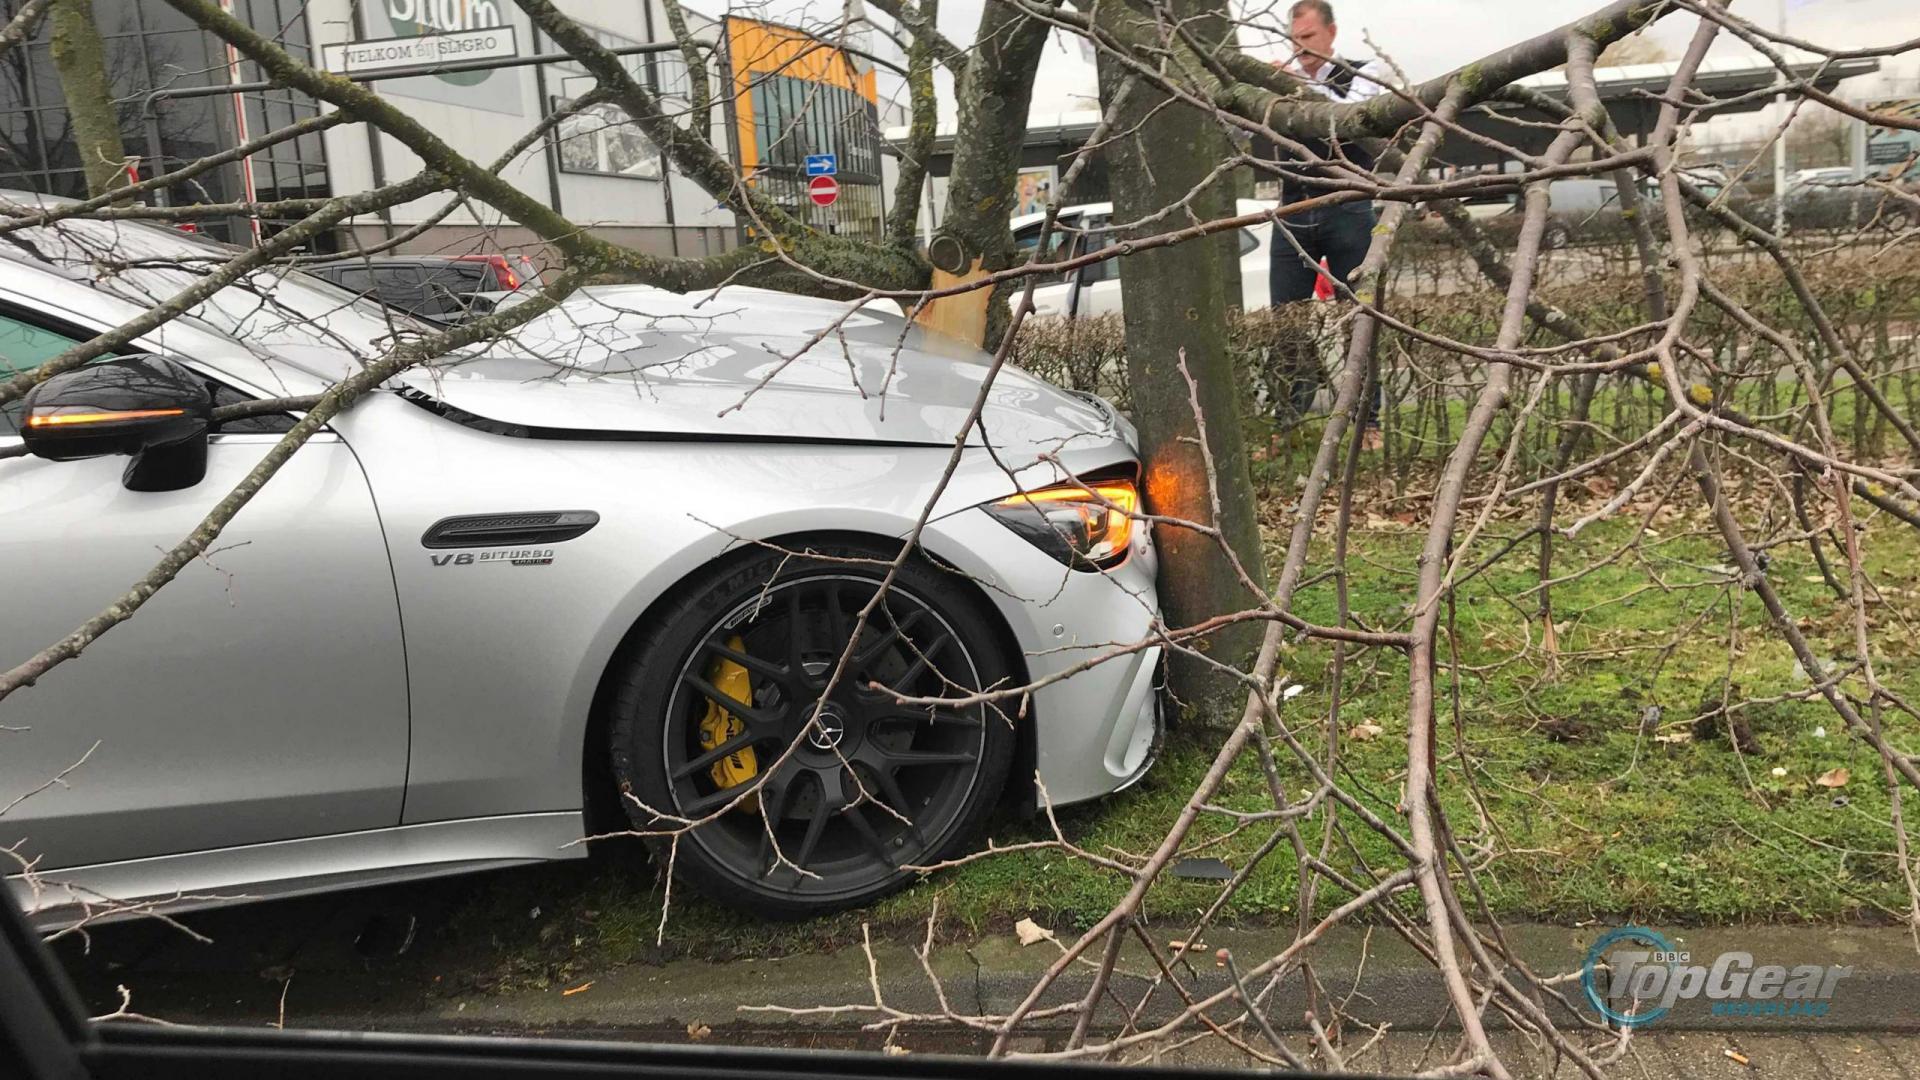 mercedes-amg gt 63 s 4-door crash